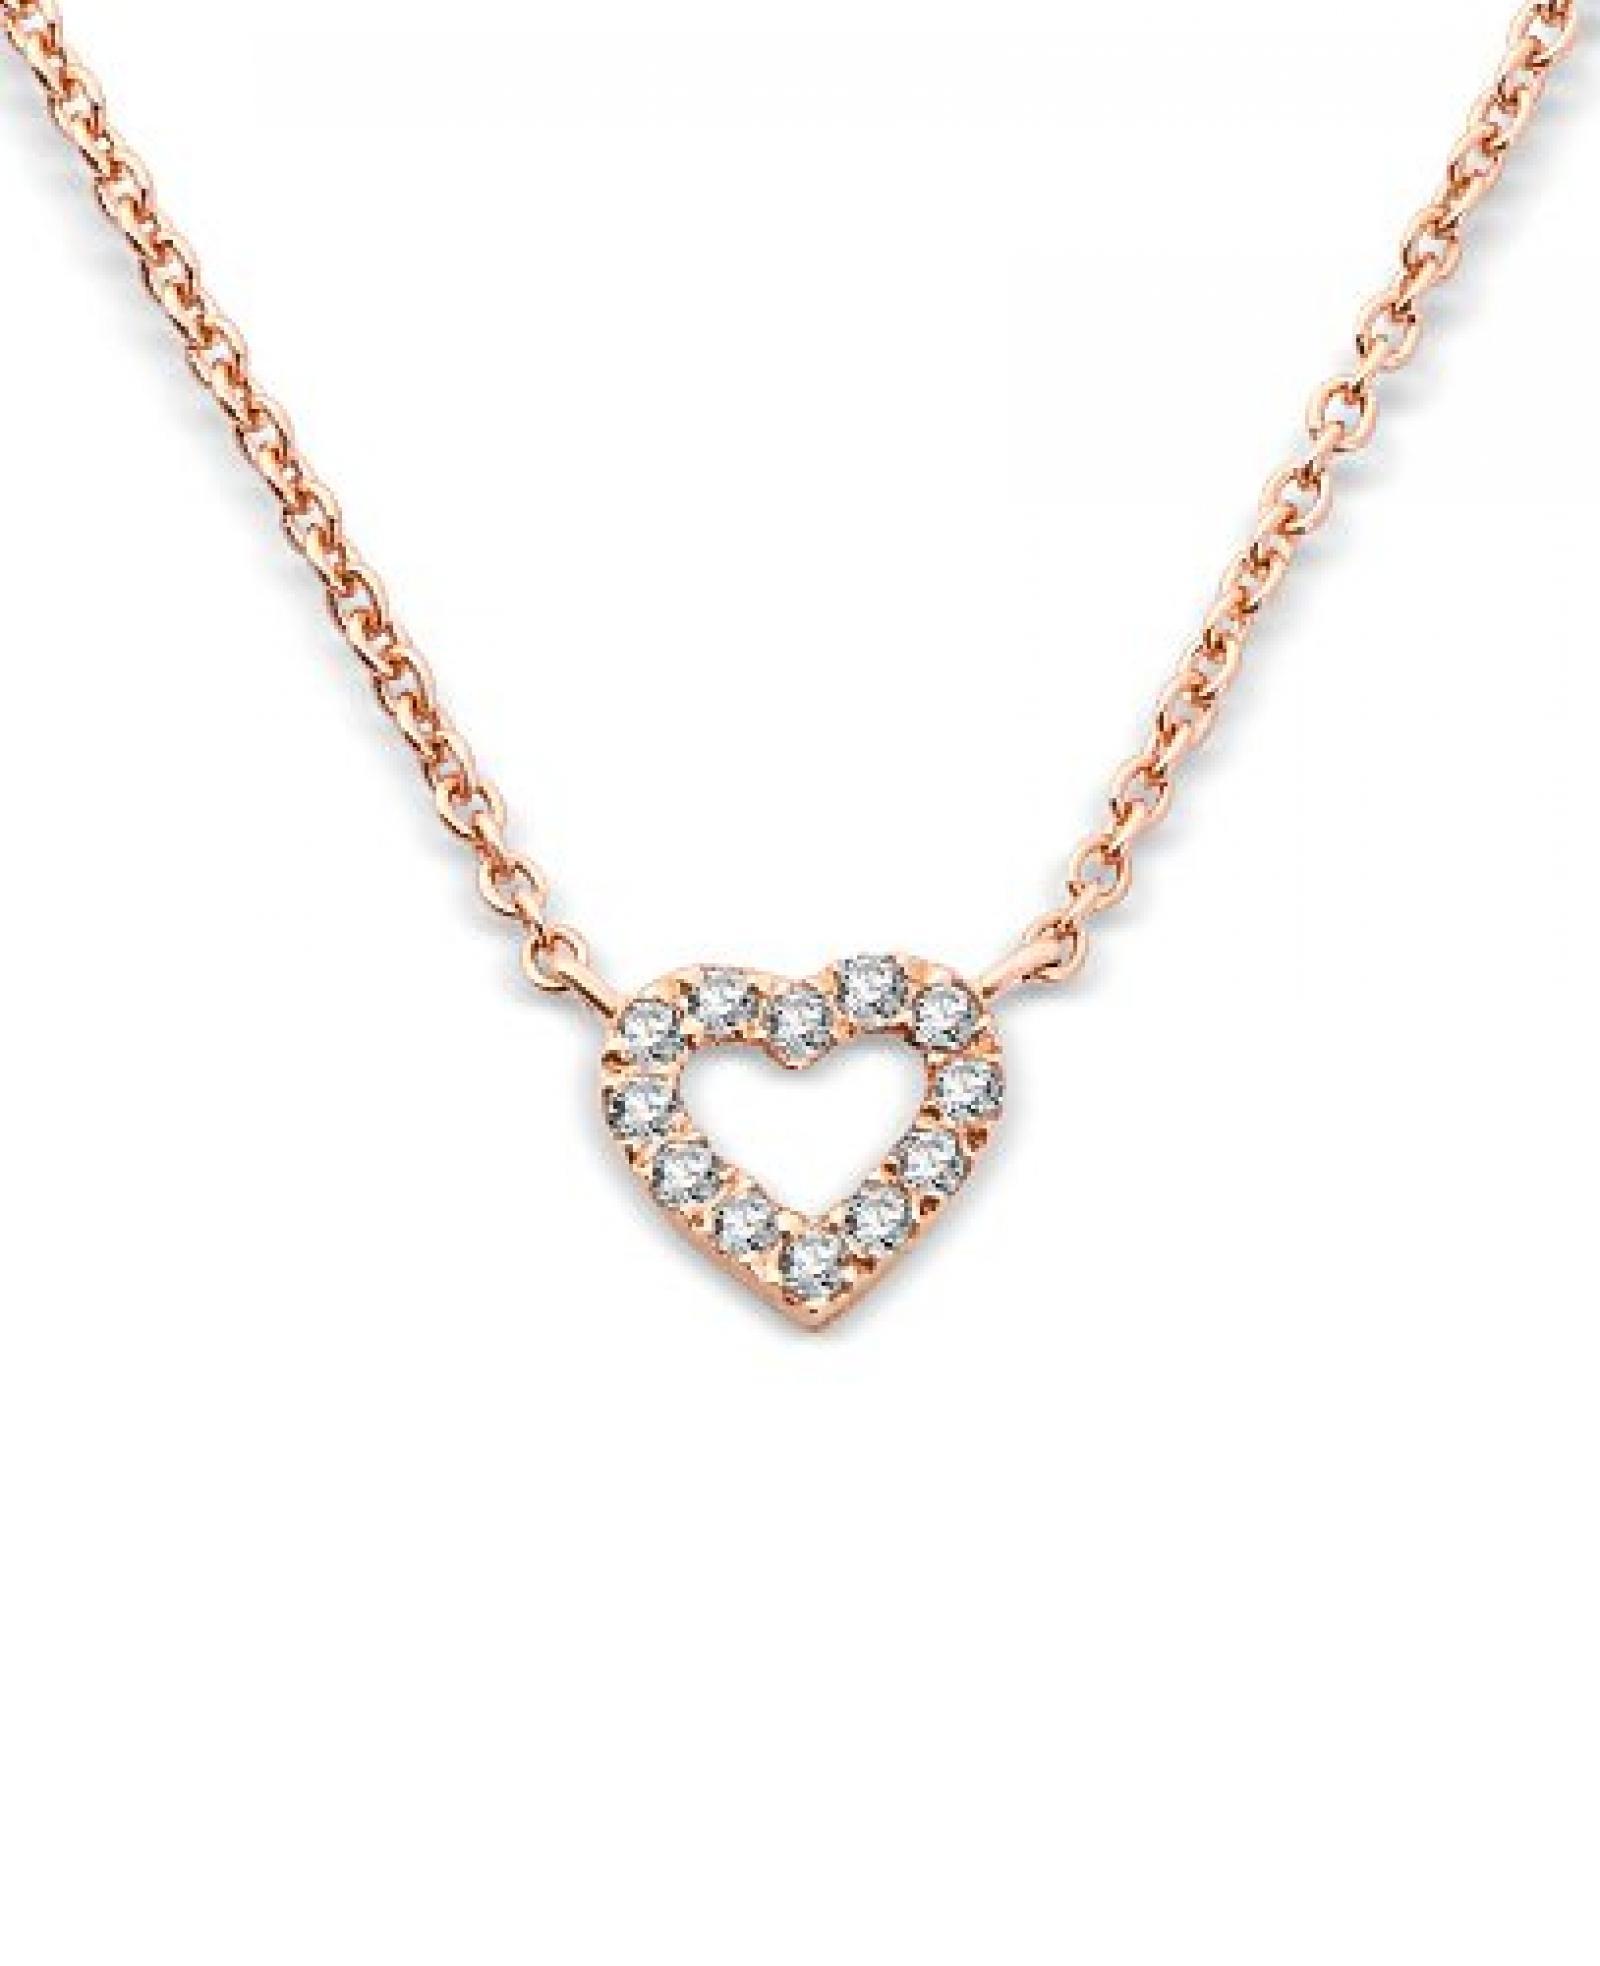 Miore Damen-Halskette kleine Herz Brillanten 9 Karat 375 Rotgold 42cm + 3cm MY013N